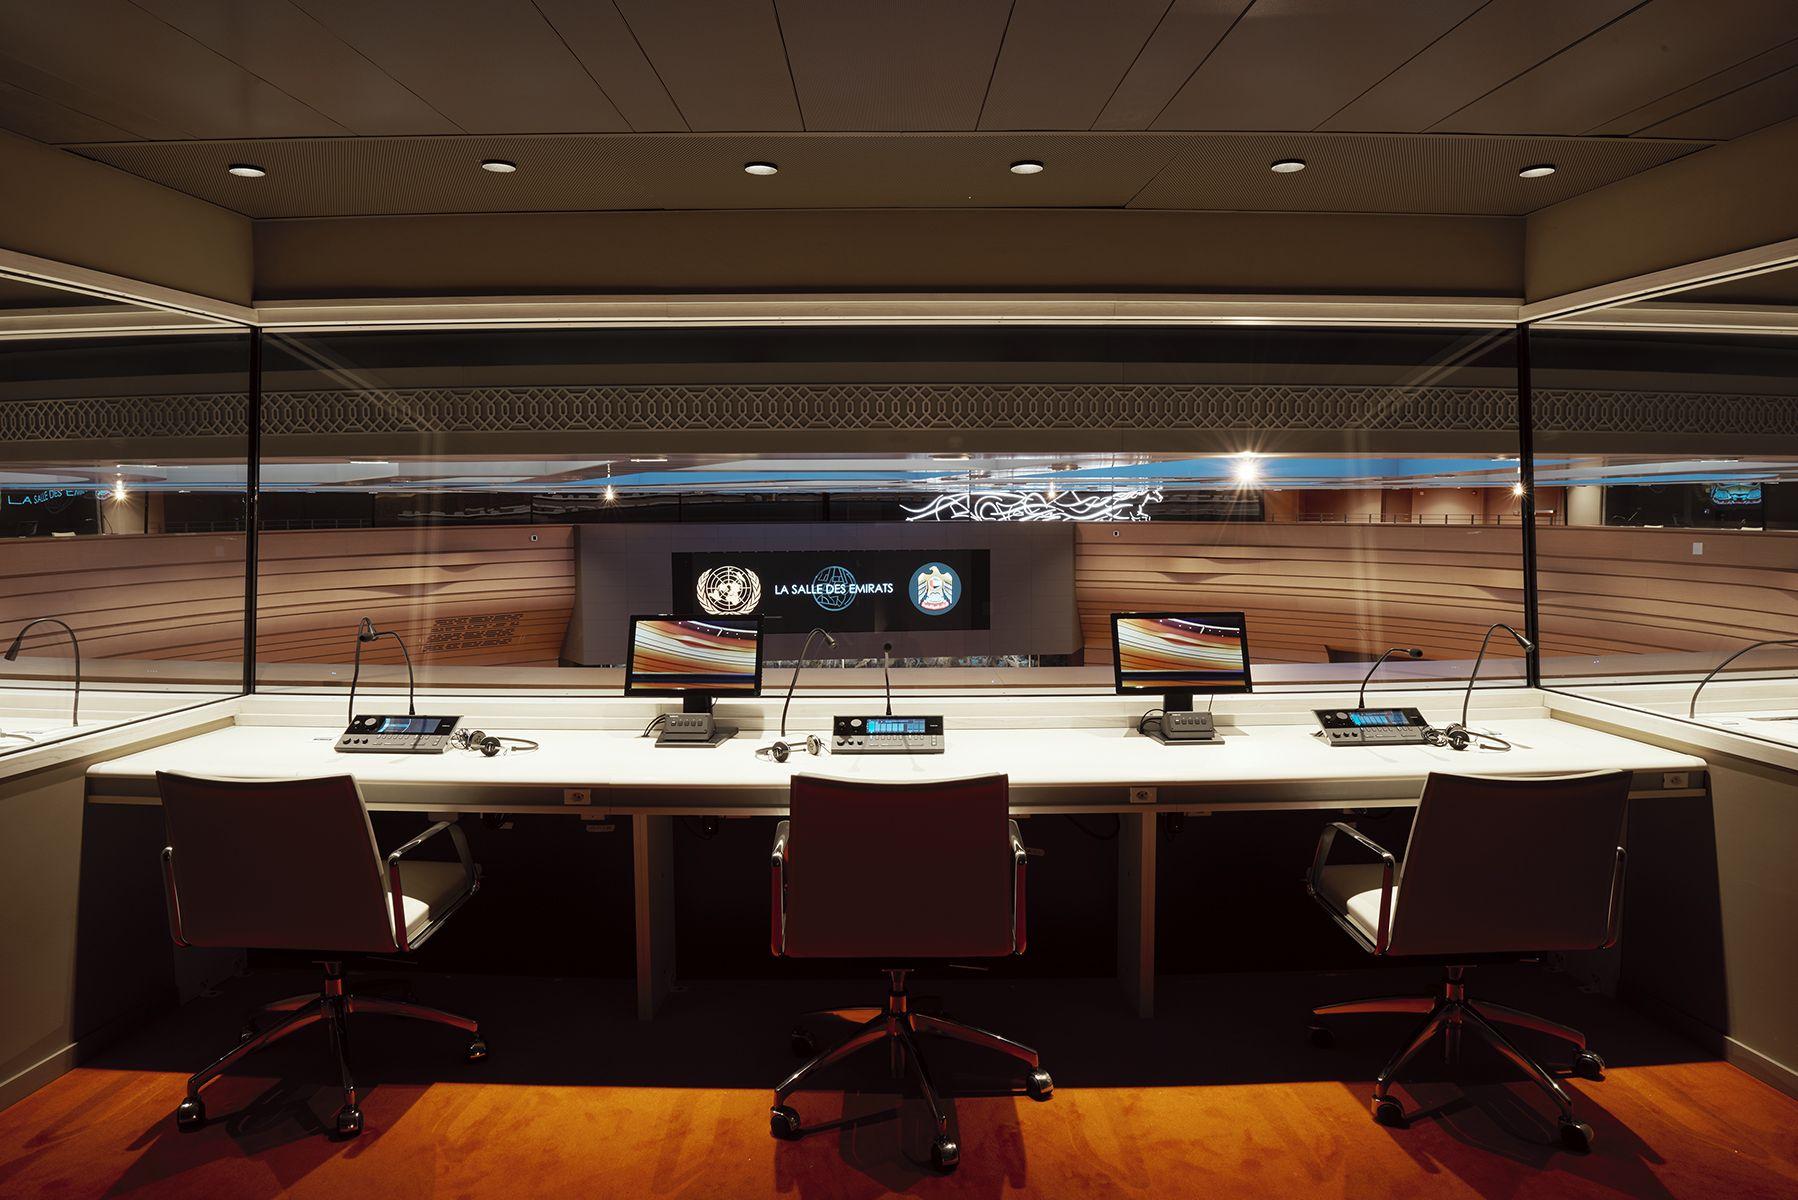 Swiss bureau interior design designed room of the emirates